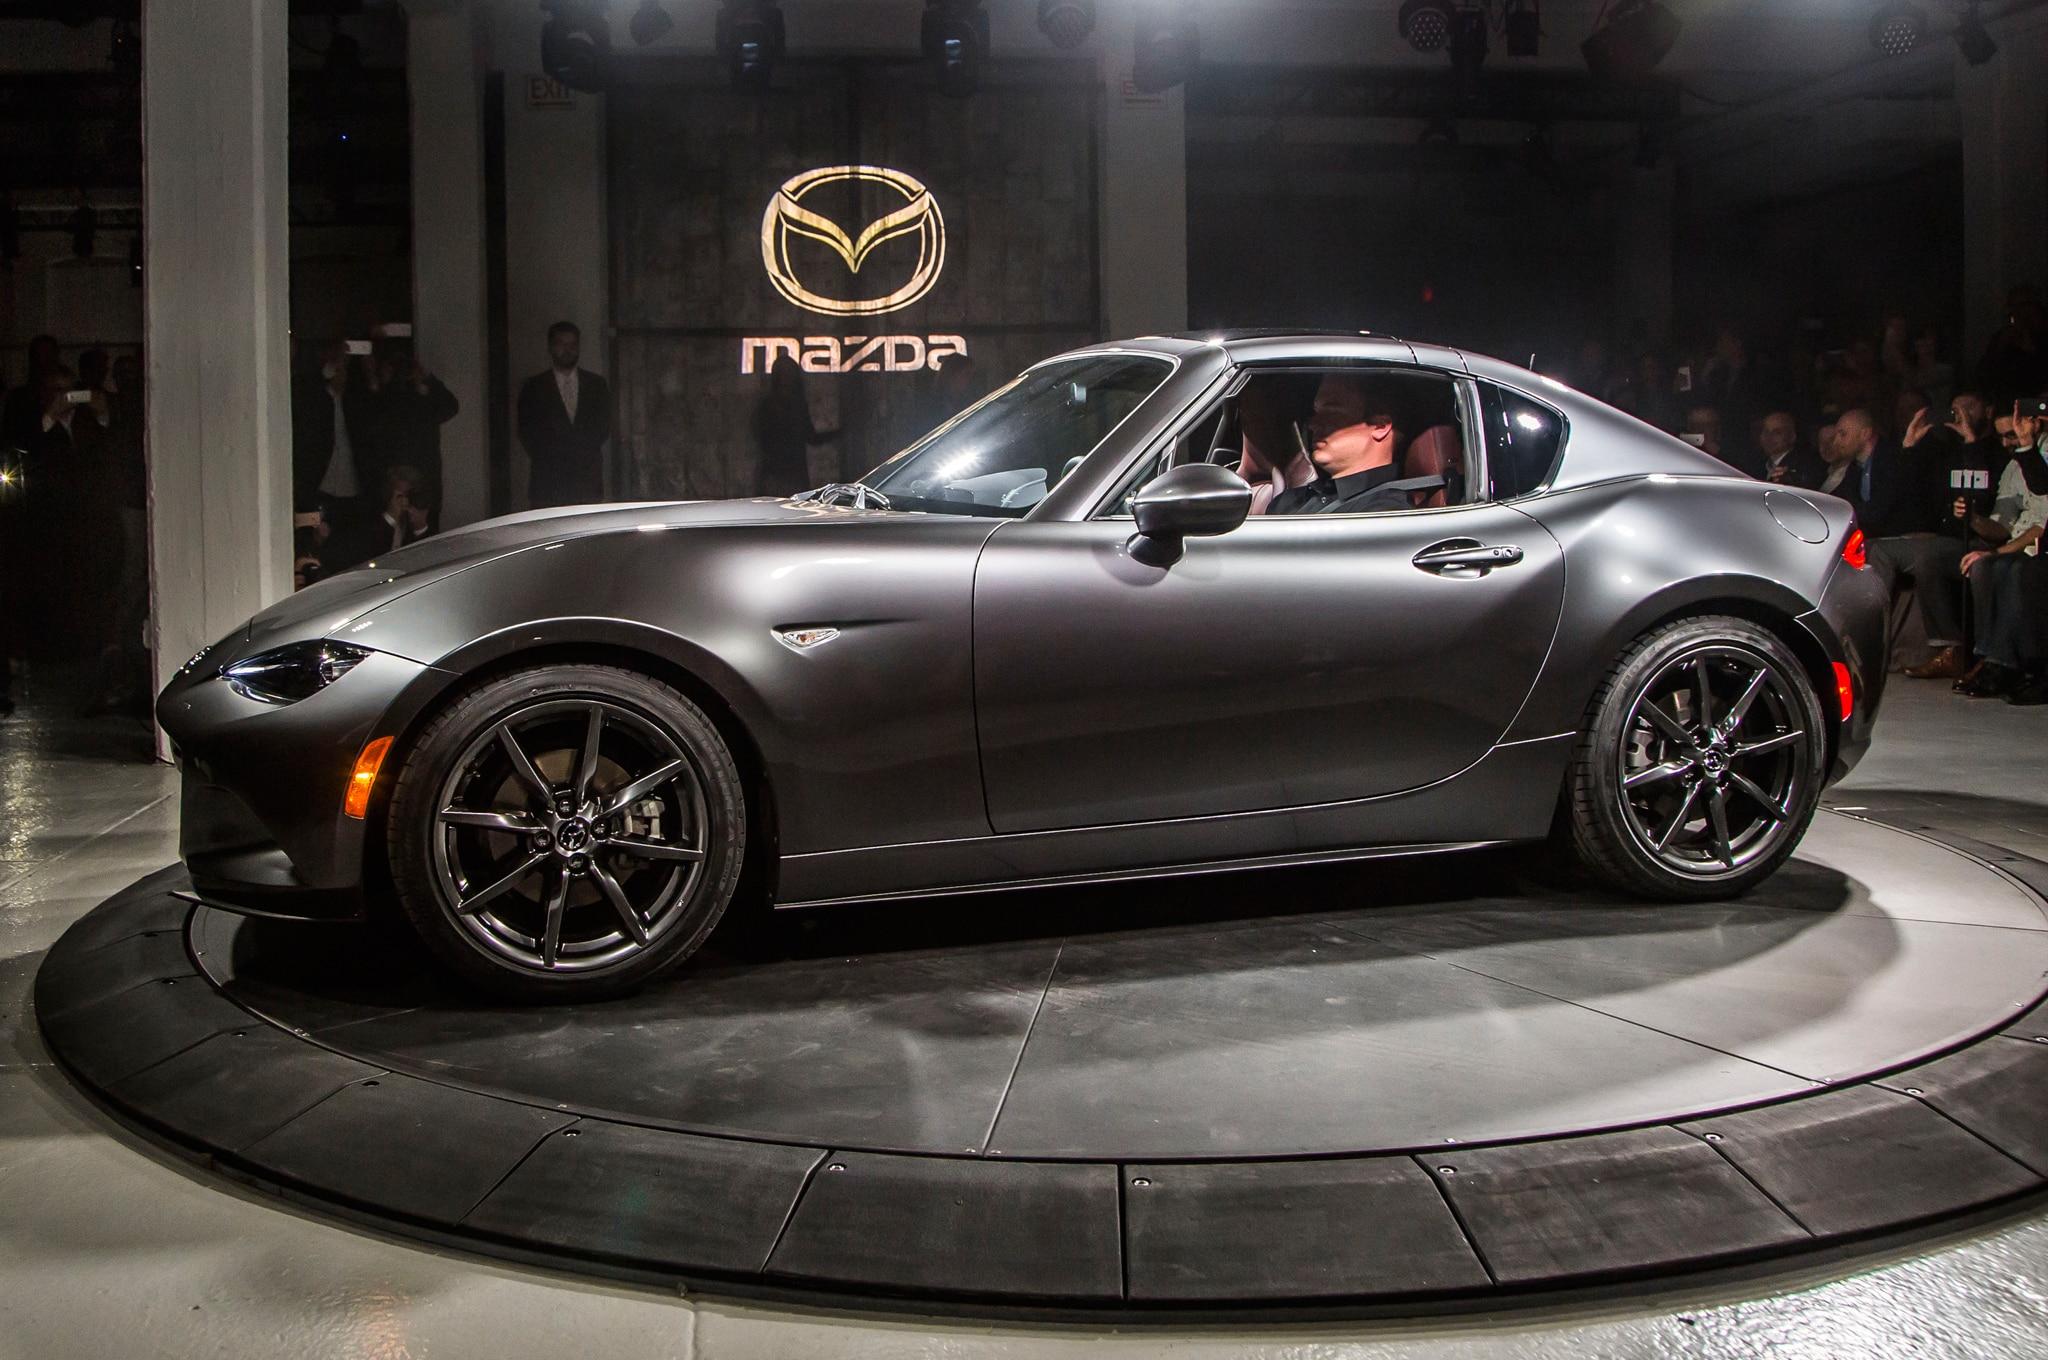 2017 Mazda Mx 5 Miata Retractable Fastback Debuts 36 Adver To Skip 1